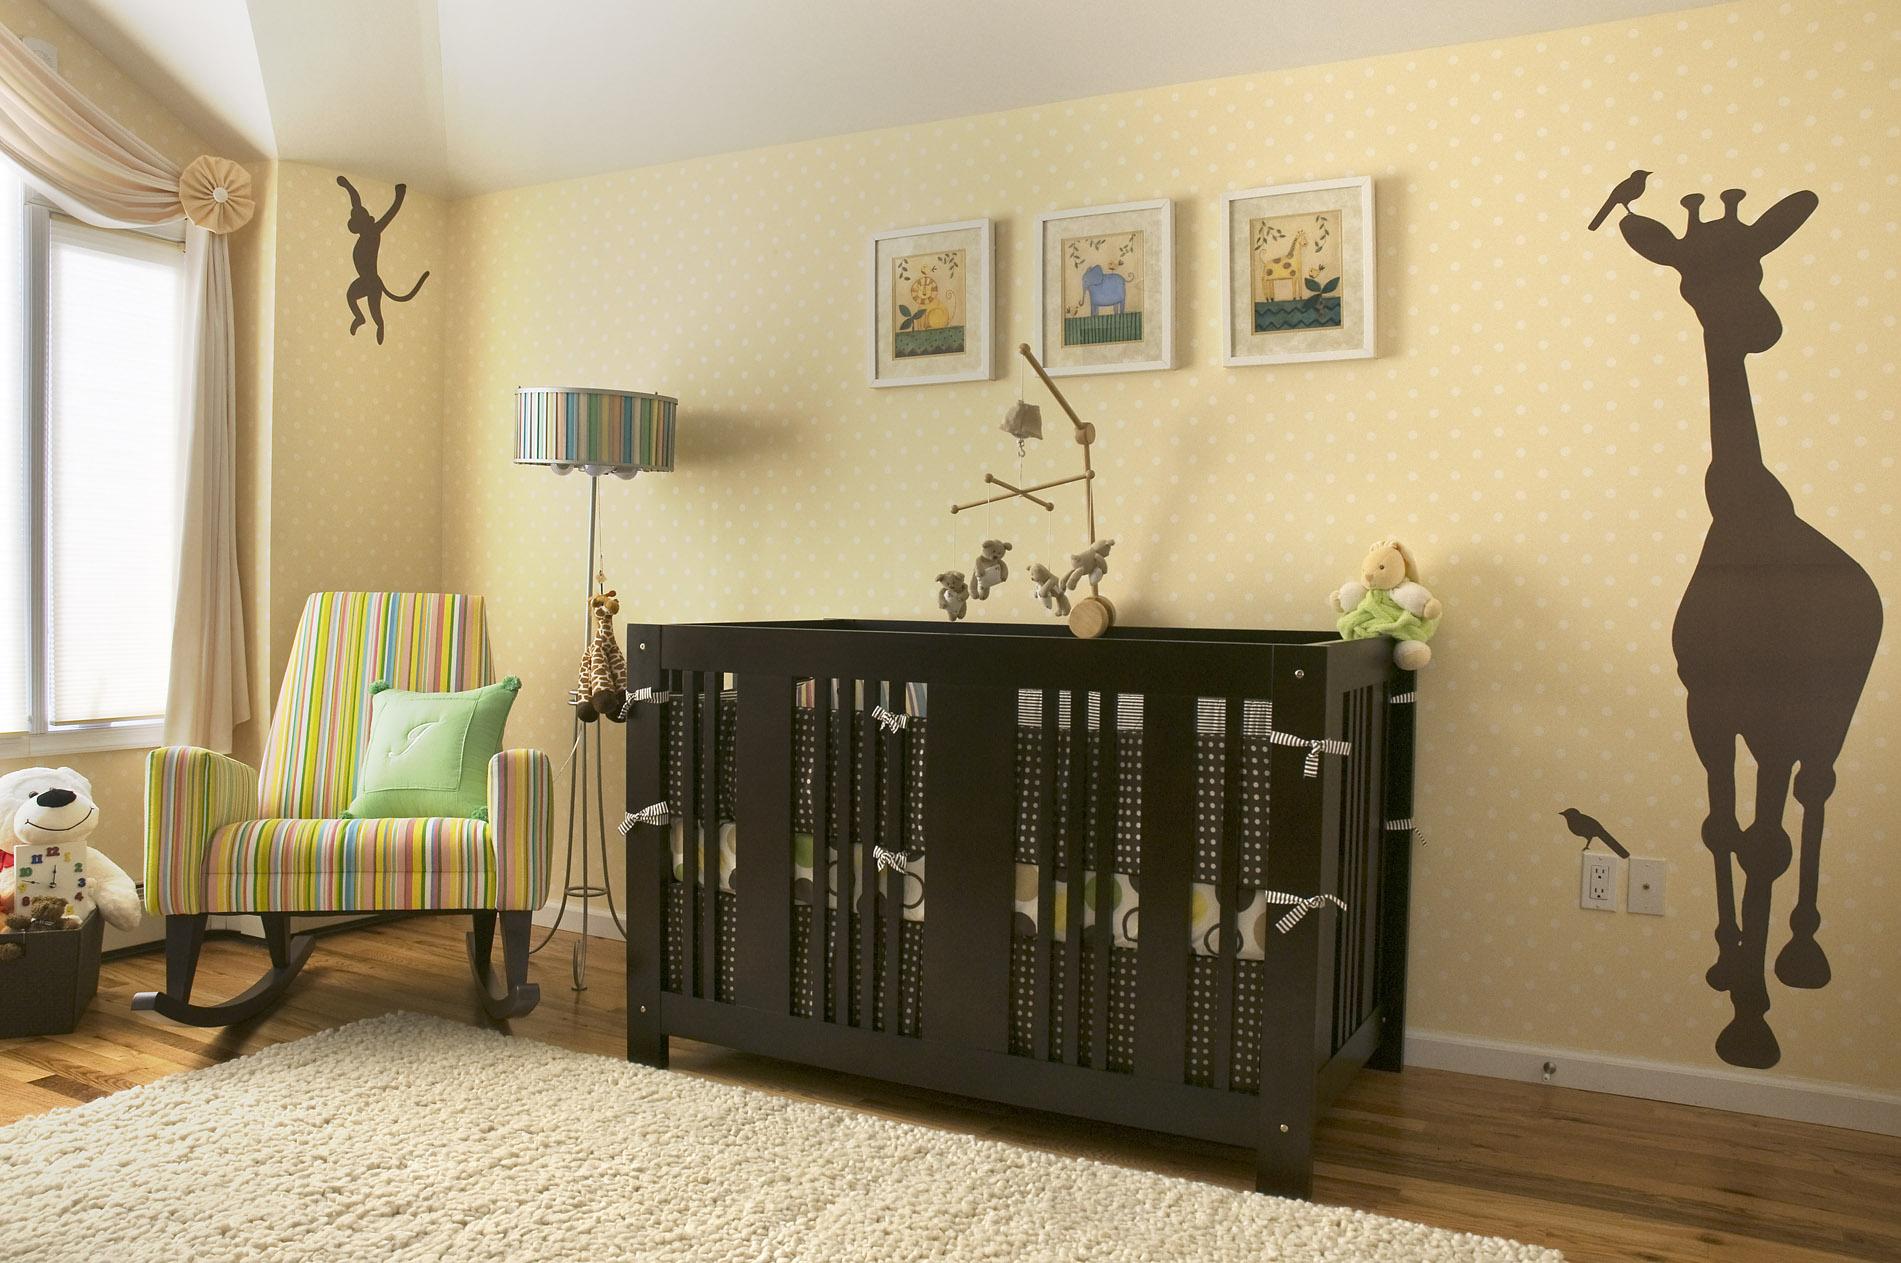 Тематическая отделка стены со стороны детского манежа - отличный способ зонирования пространства